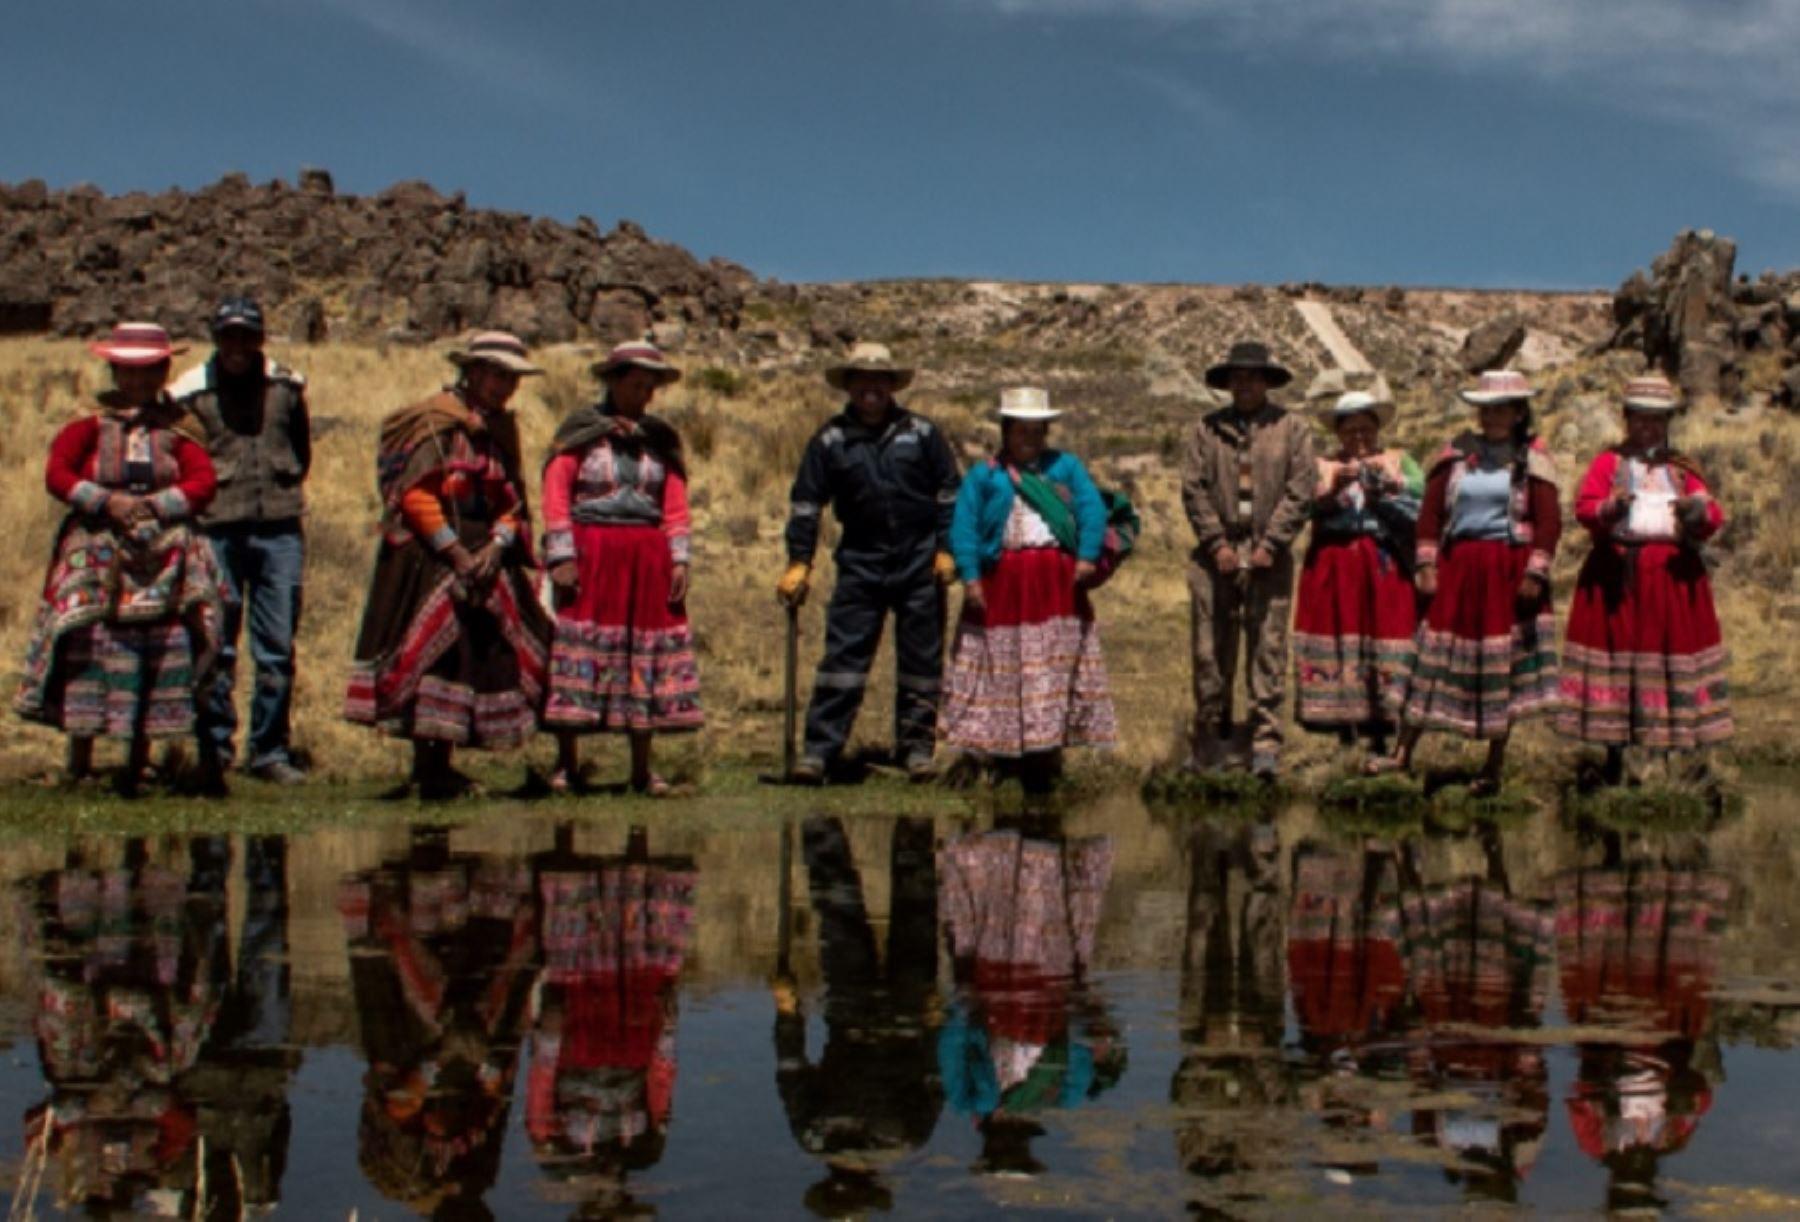 Comunidades de Caylloma, en la región Arequipa, empezaron un proceso de restauración ecológica, que ha permitido recuperar 10,000 hectáreas de pastos con los cuales alimentan a sus camélidos. Foto Giulianna Camarena / PNUD Perú